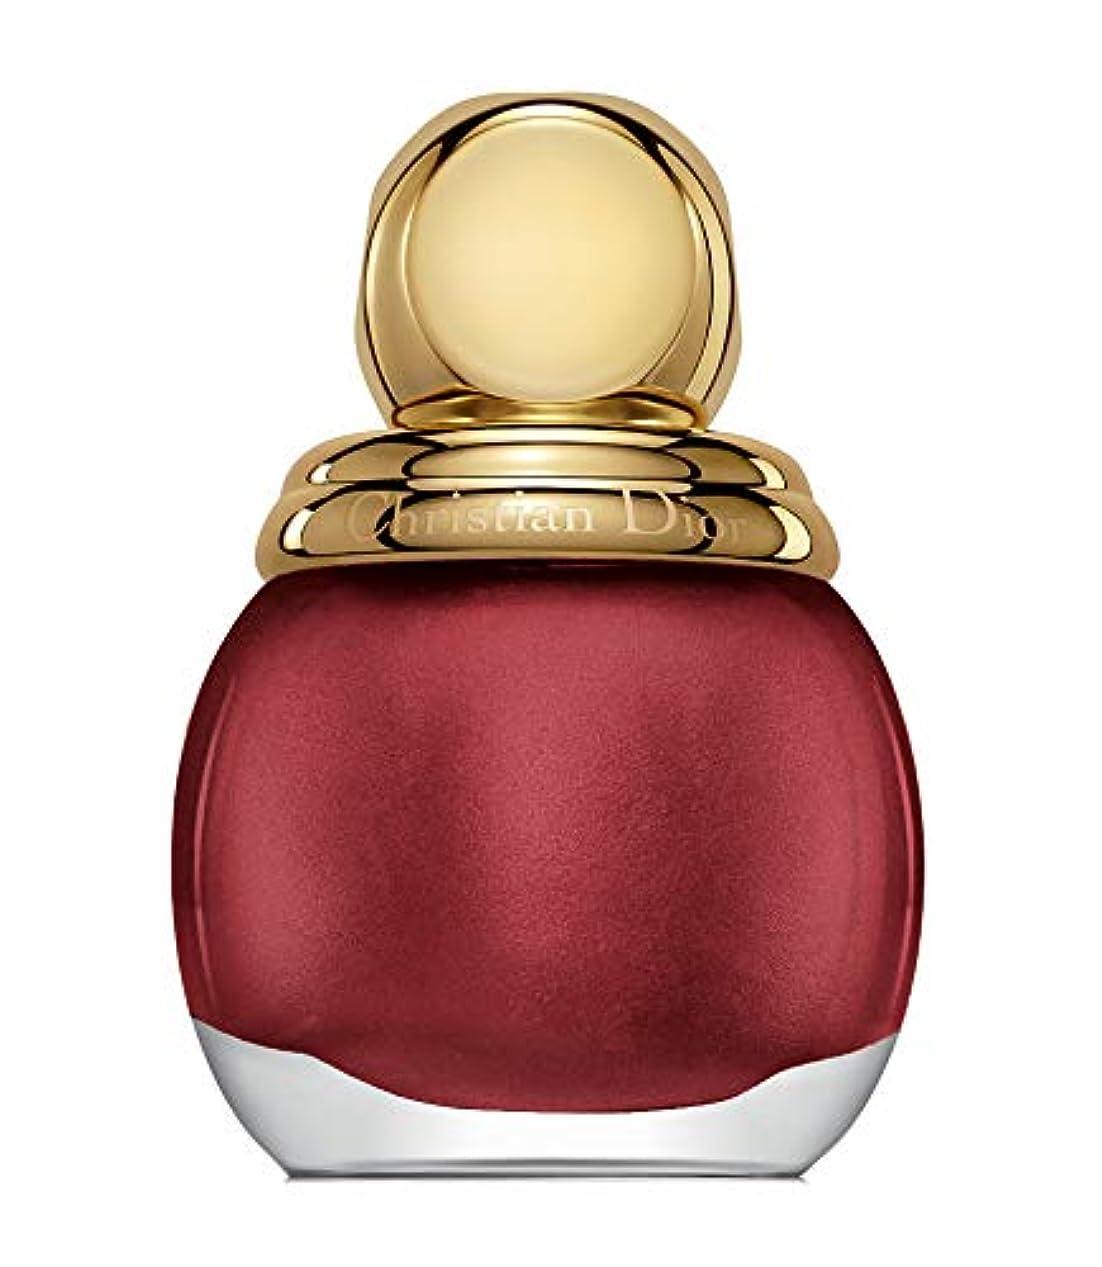 叫び声わかる志すディオール ヴェルニ ディオリフィック #760 トリオンフ 限定 Dior ネイル ネイルカラー